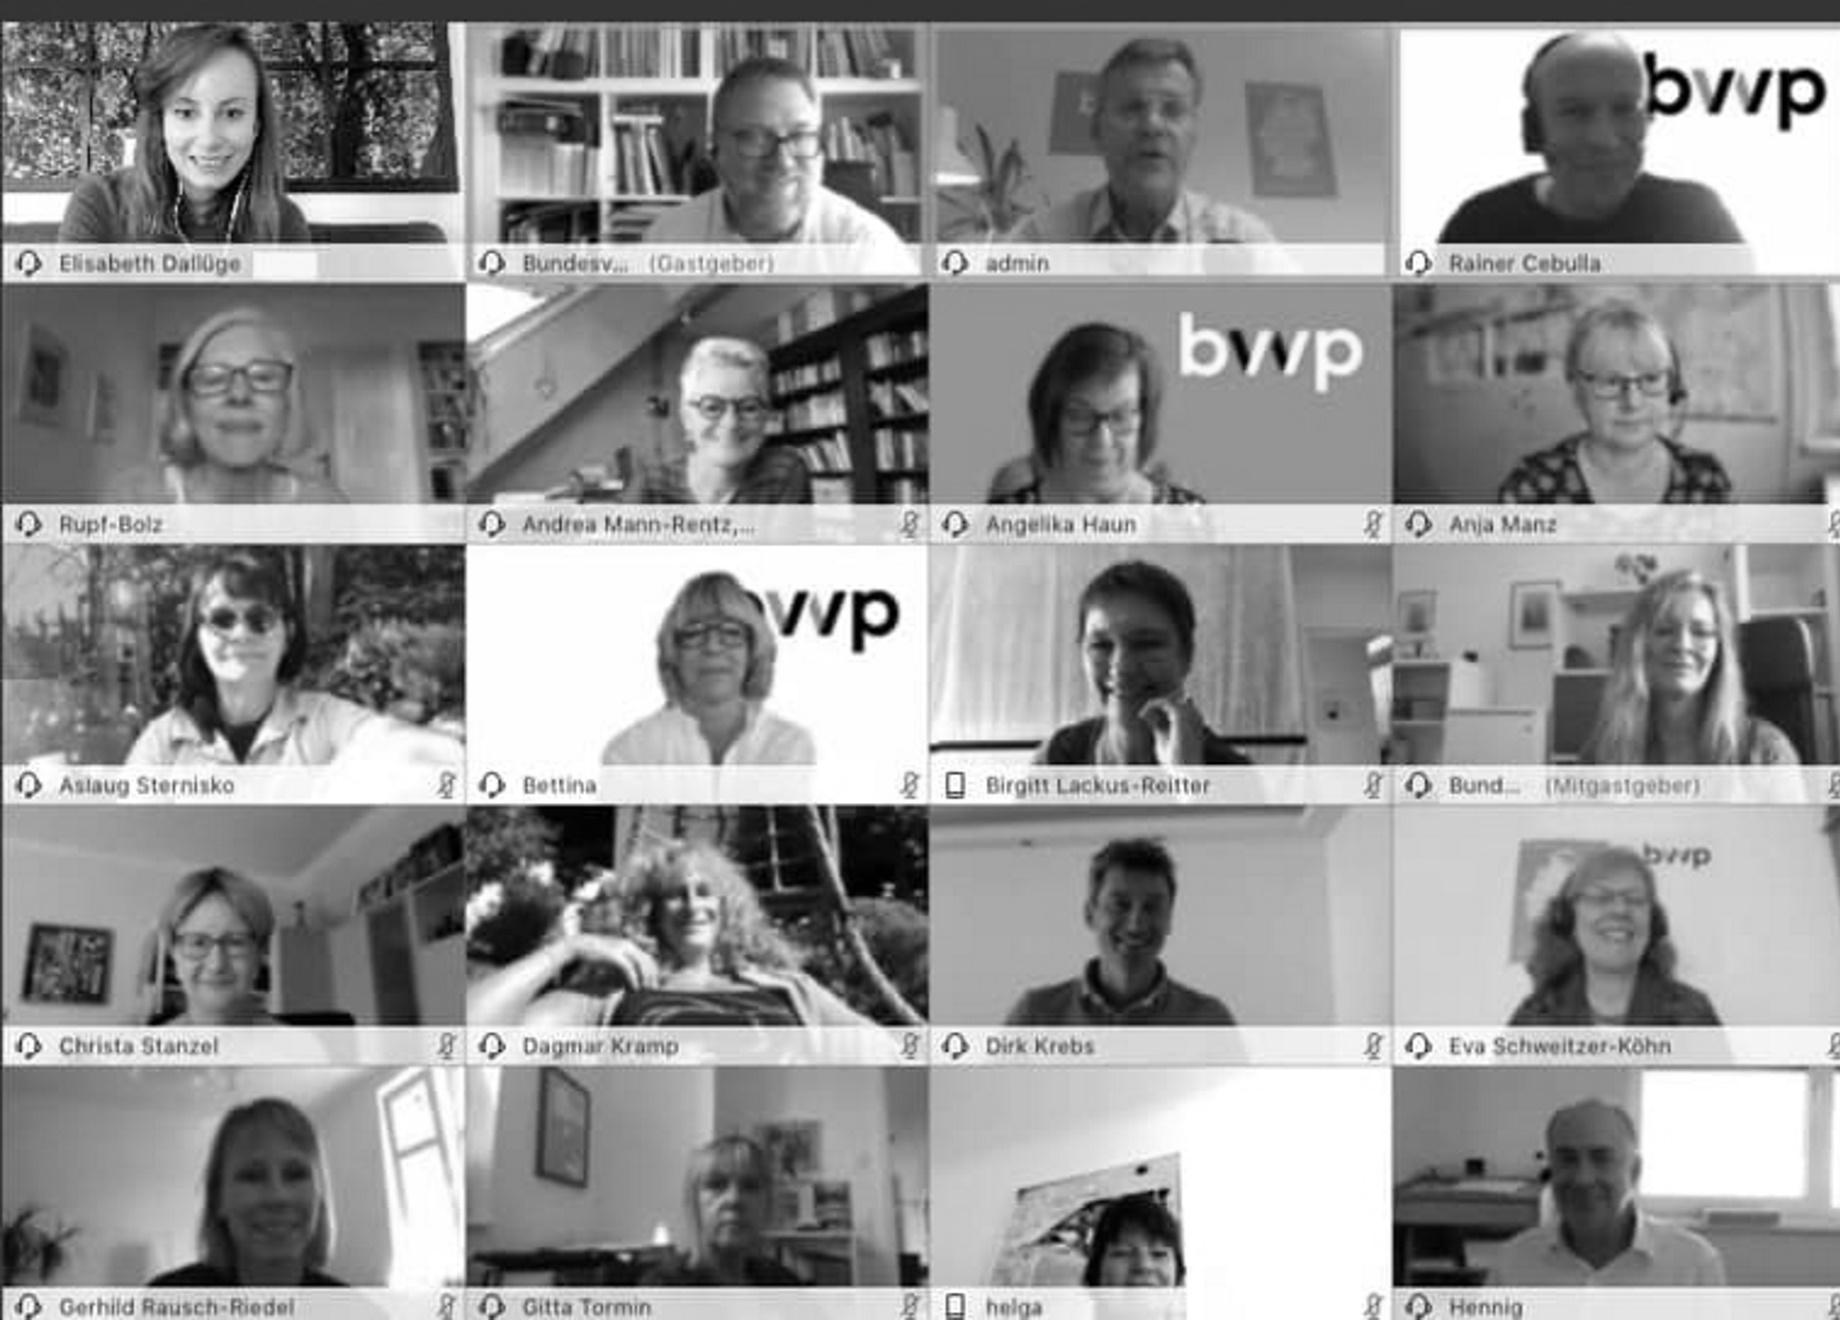 bvvp Digitalisierung und unzulängliche Bezahlung für PiA